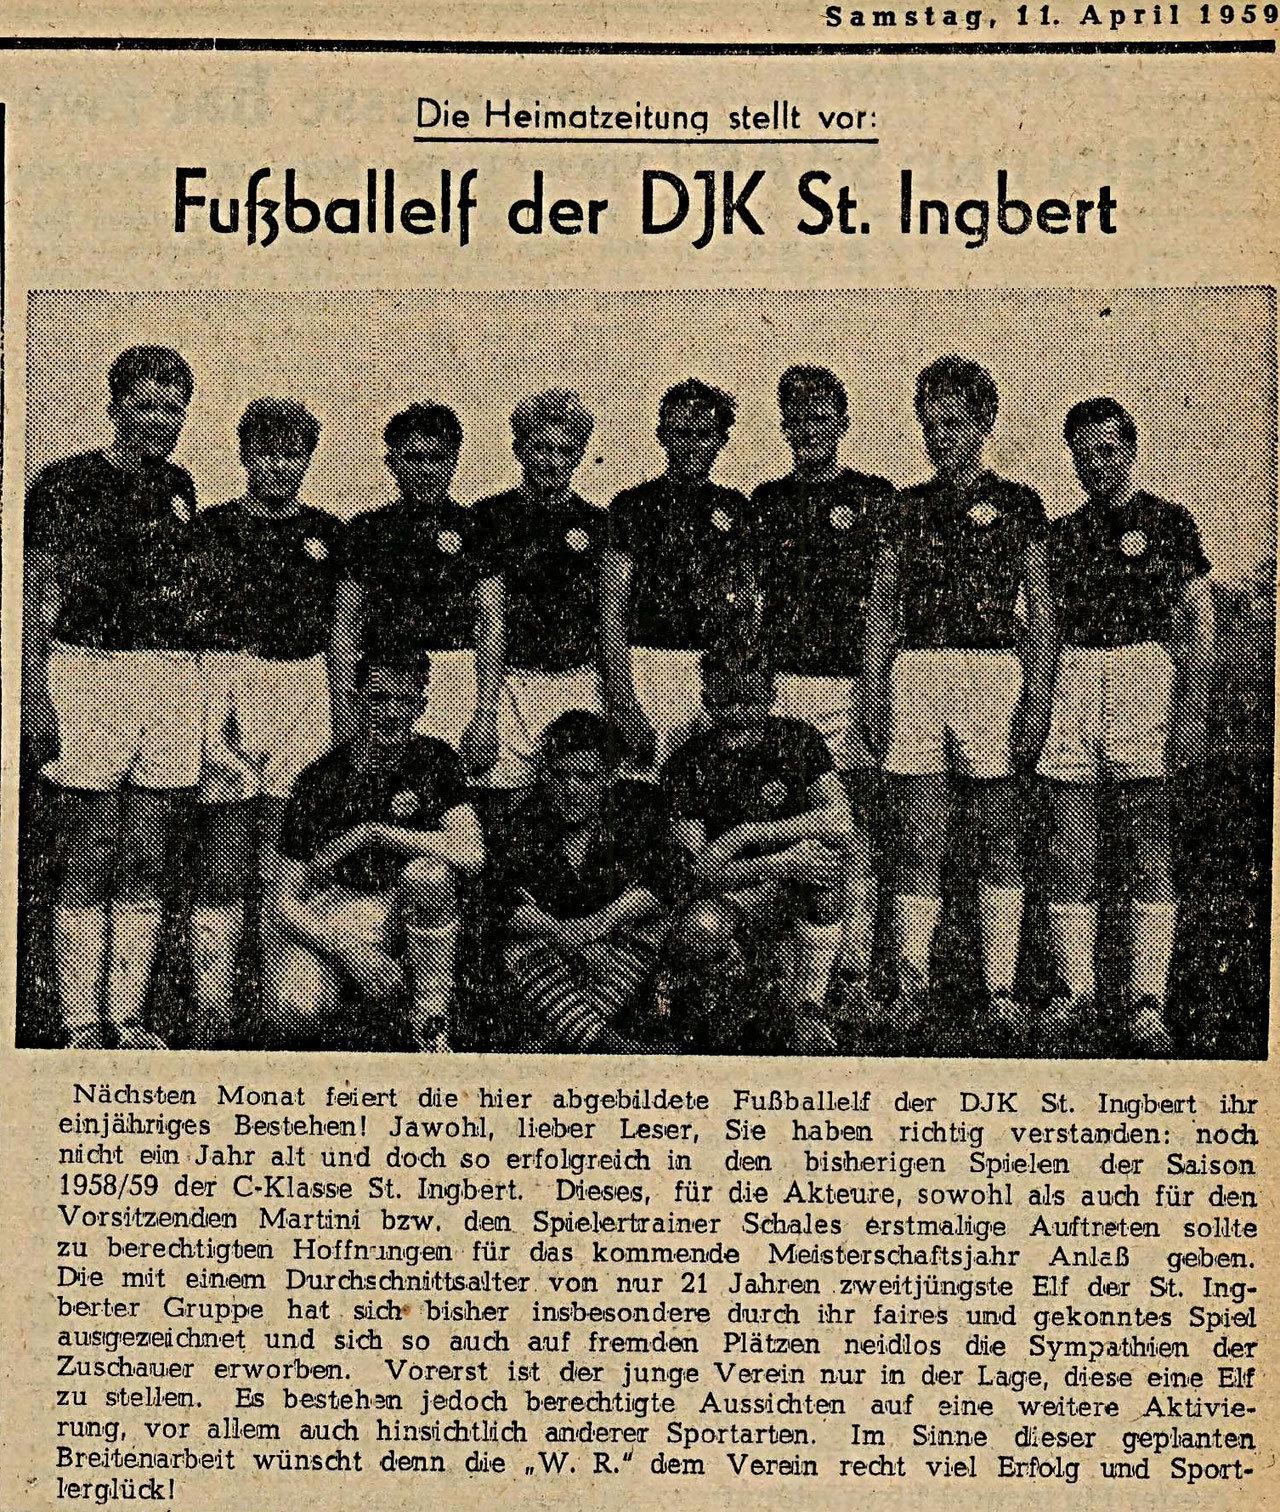 Ein Artikel in der Westpfälzischen Rundschau vom 11. April 1959